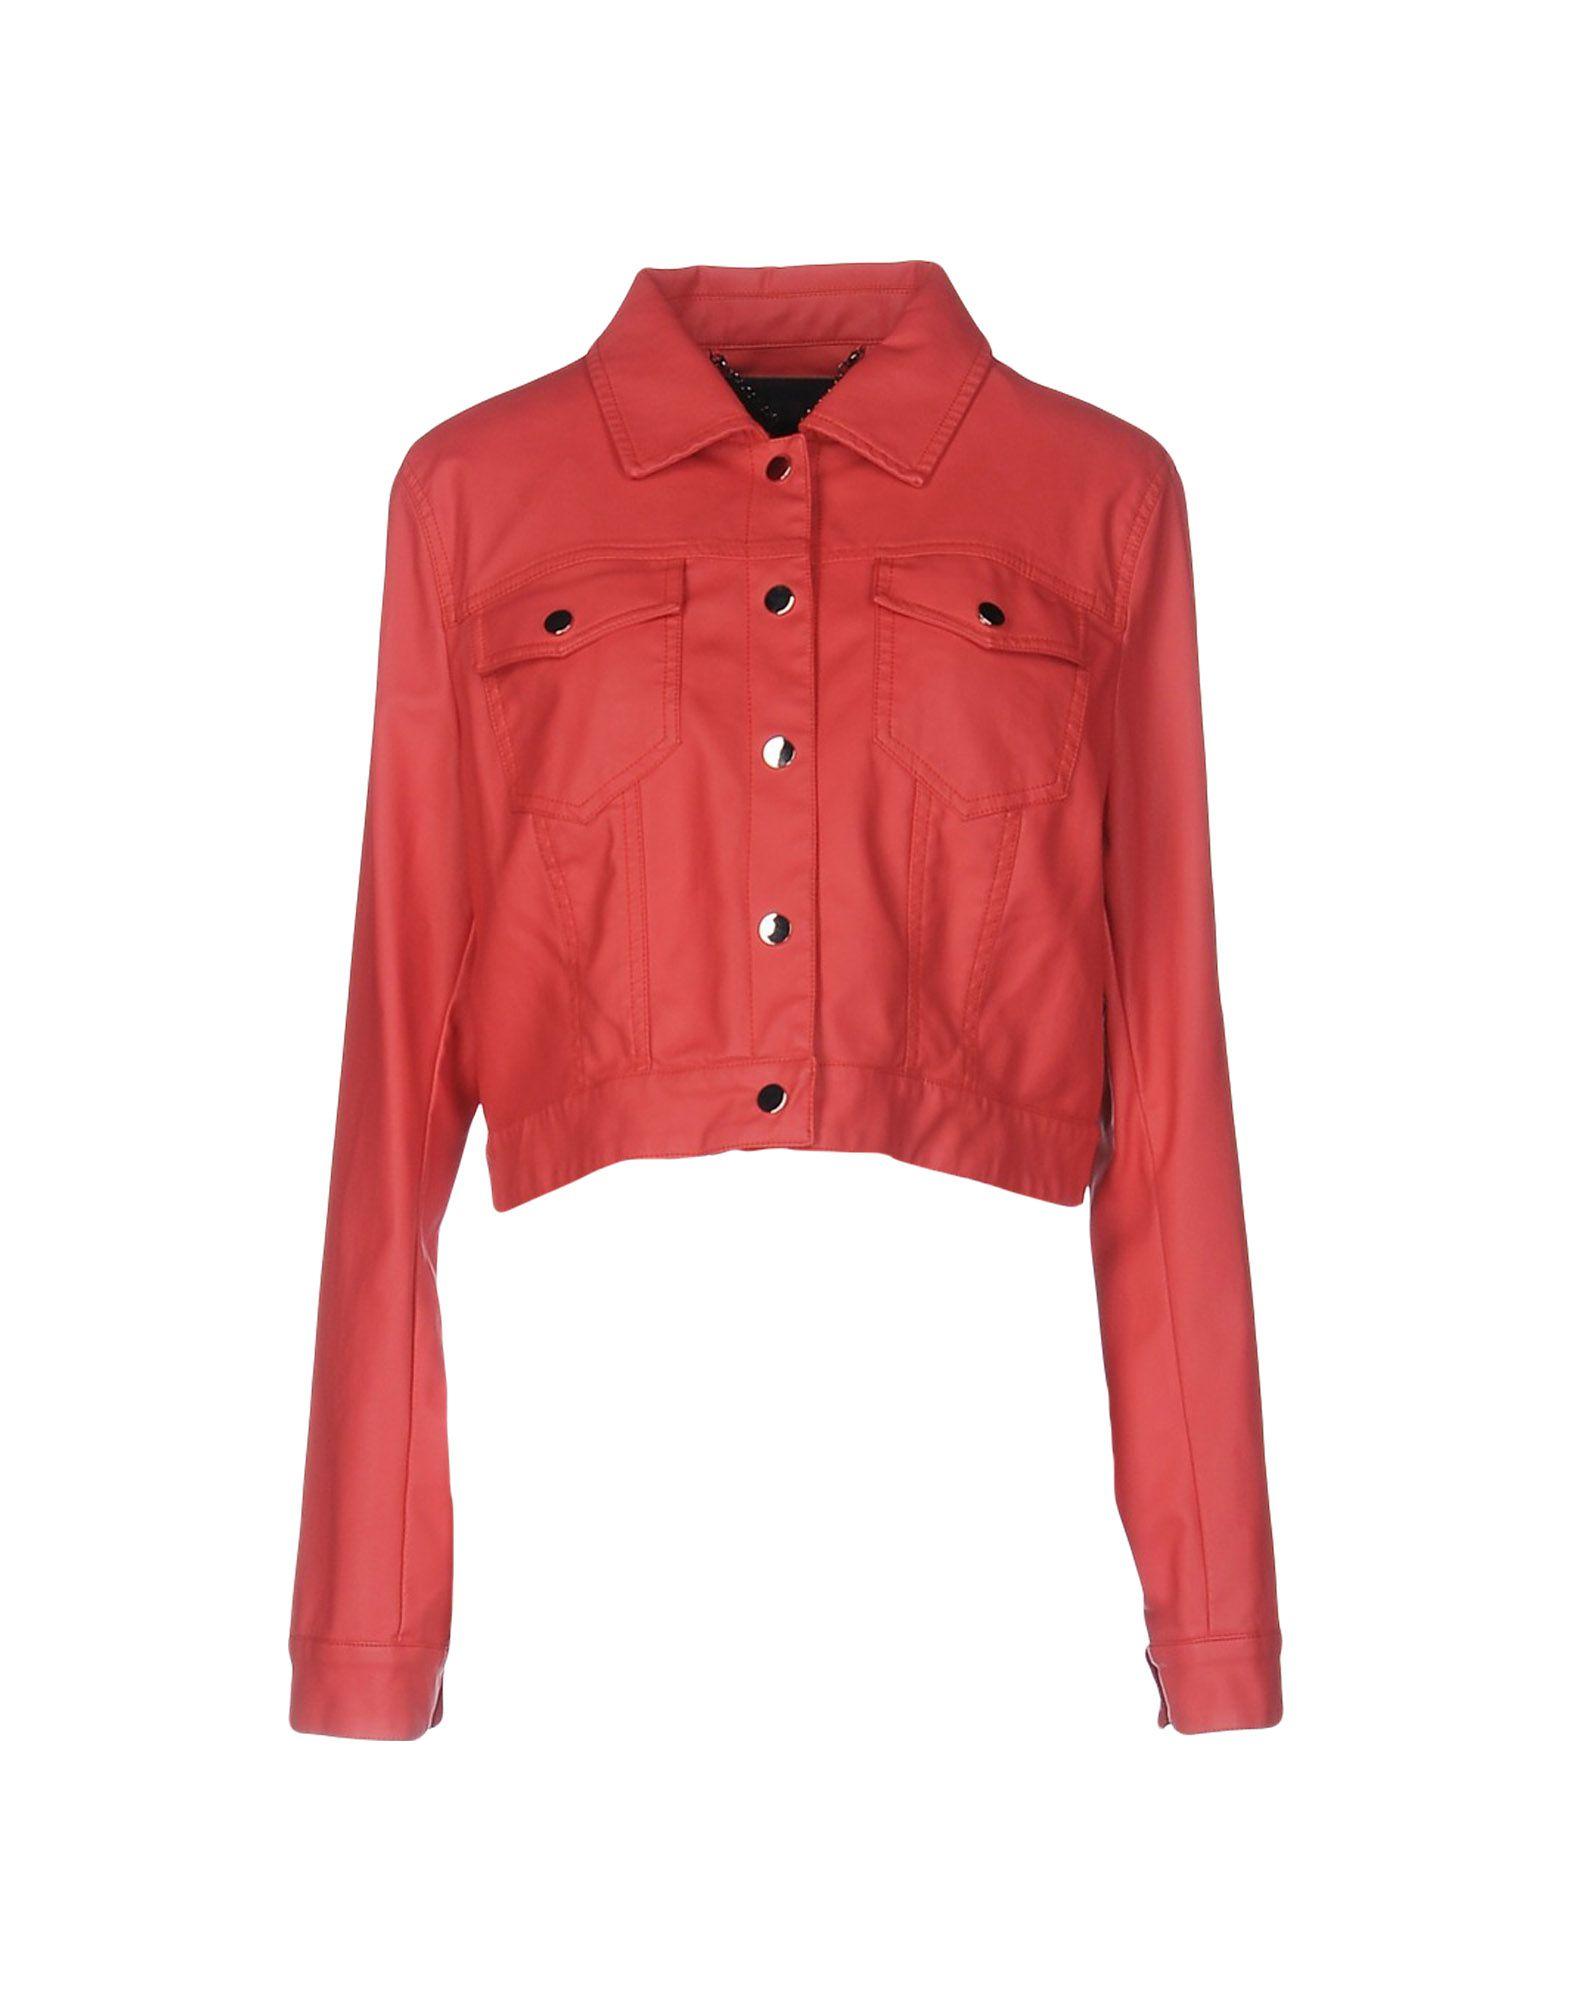 KORALLINE Damen Jacke Farbe Koralle Größe 6